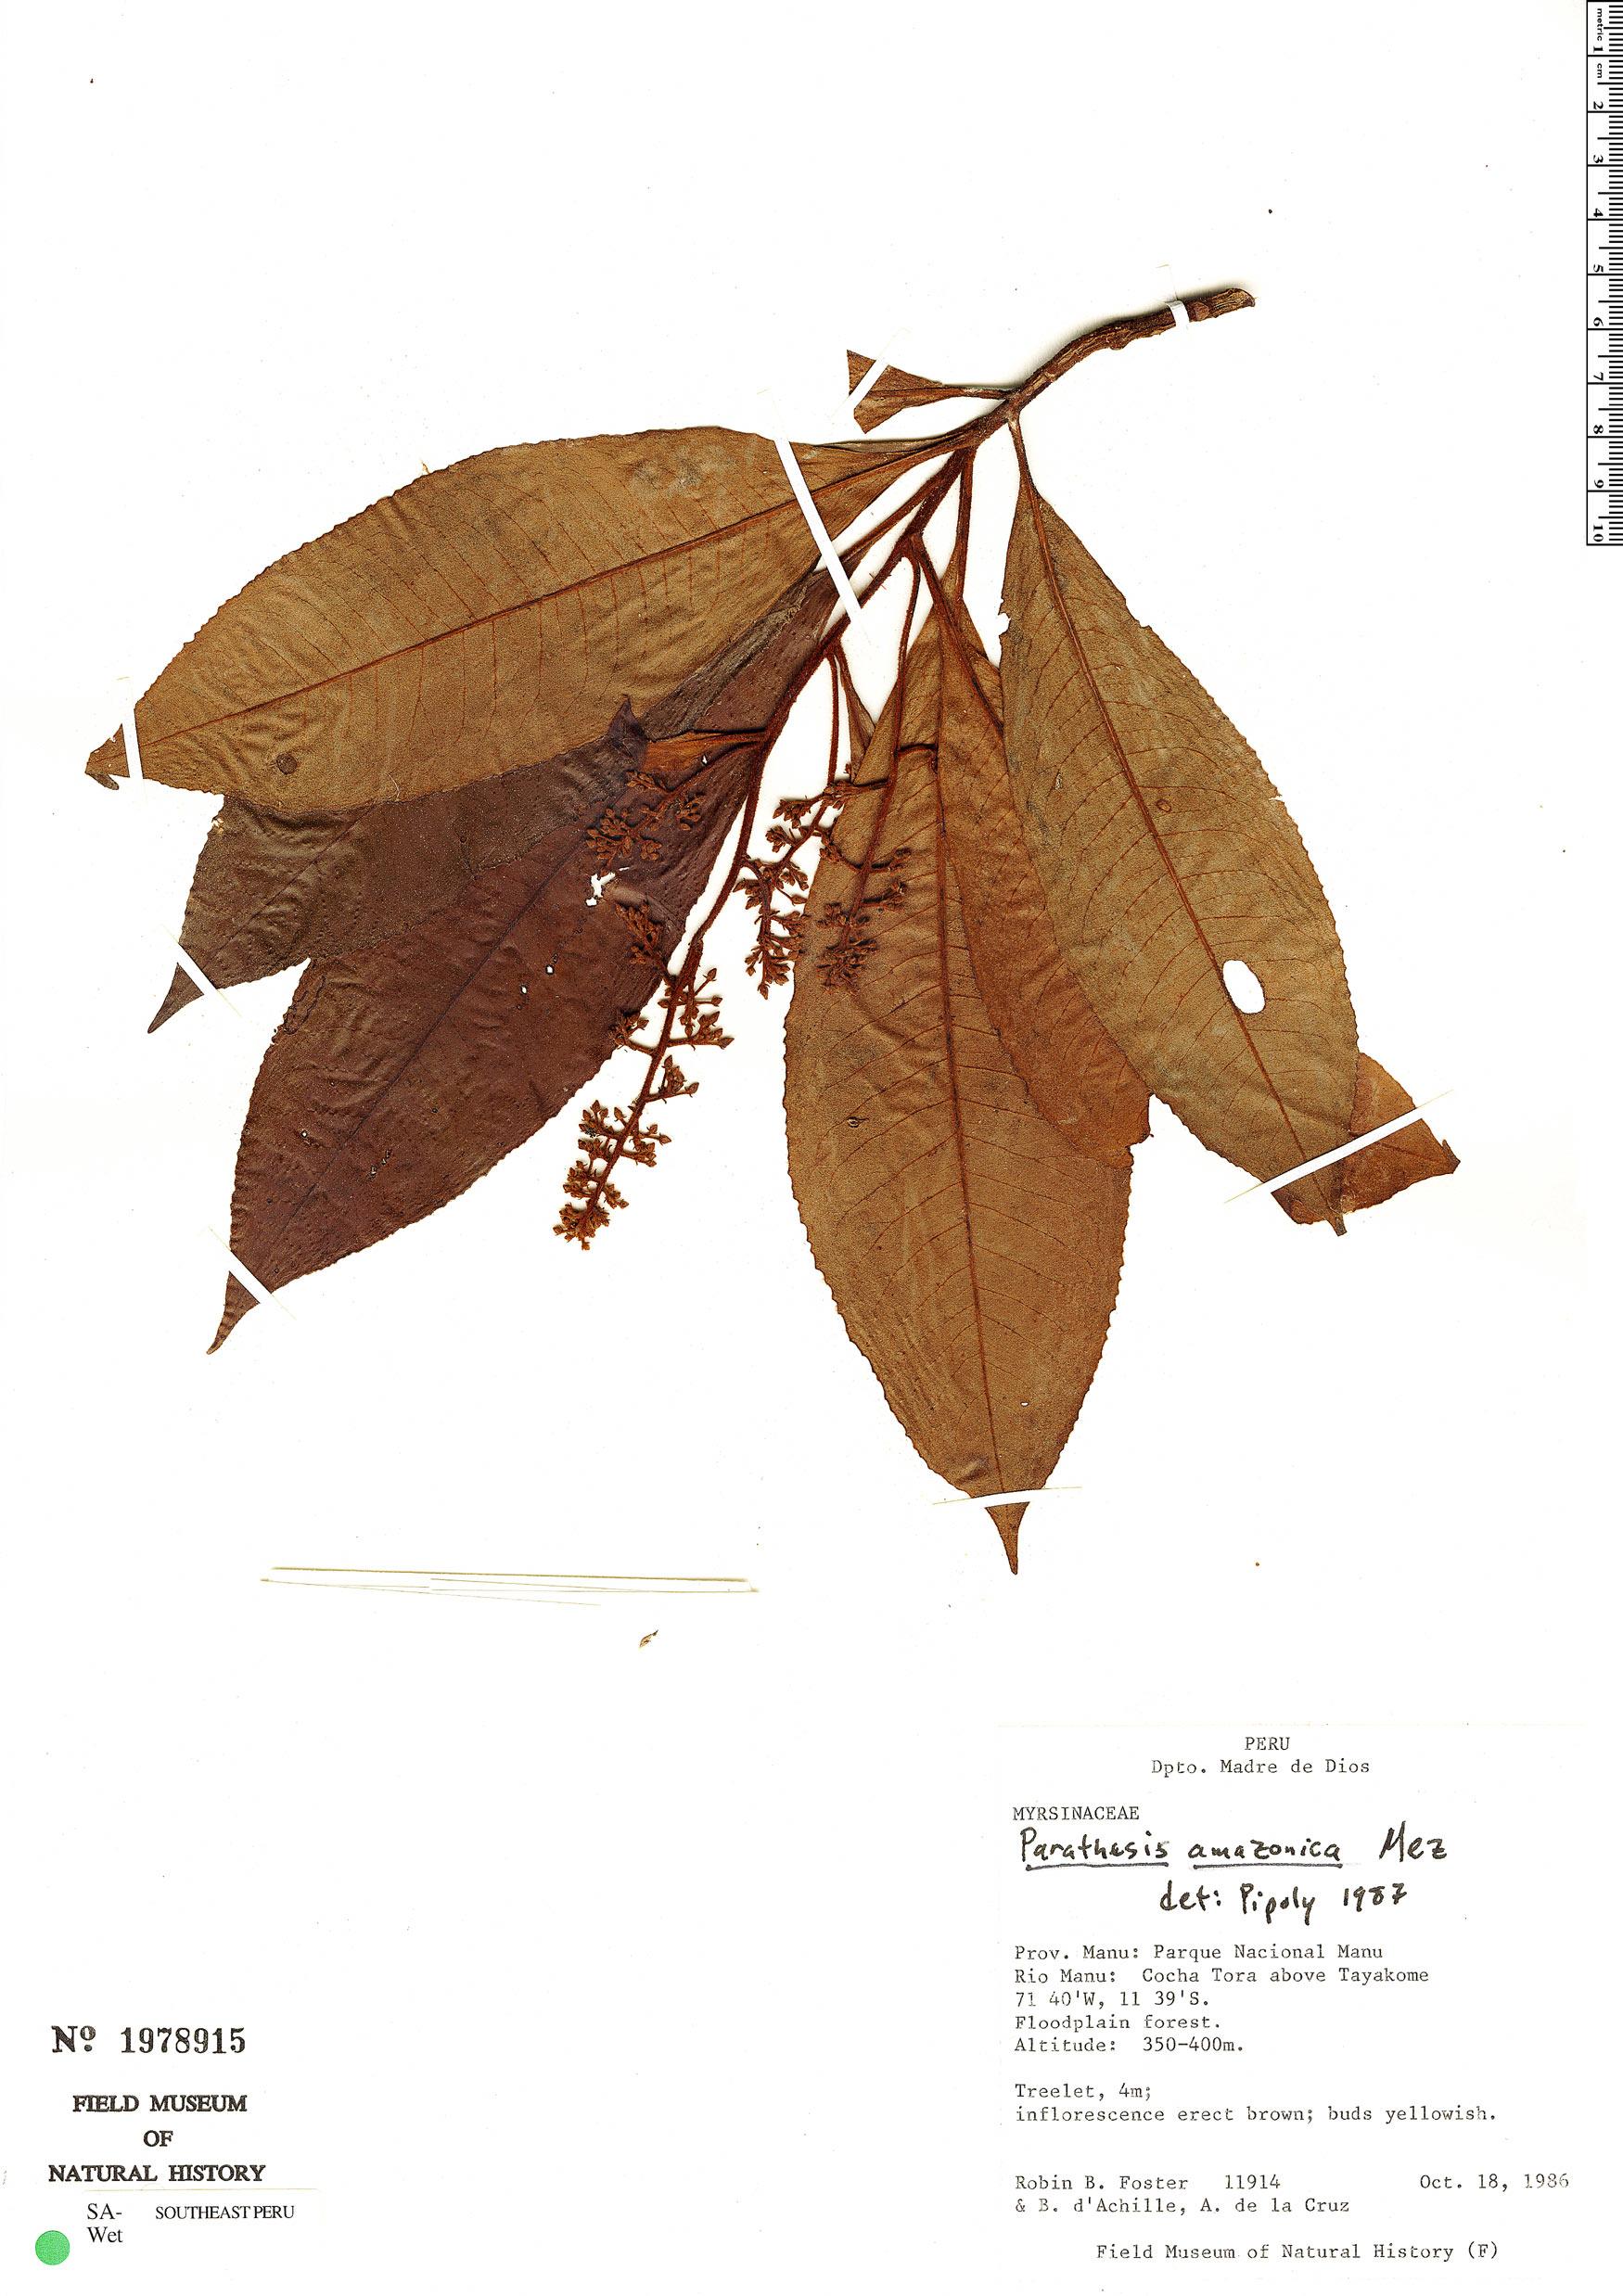 Specimen: Parathesis amazonica